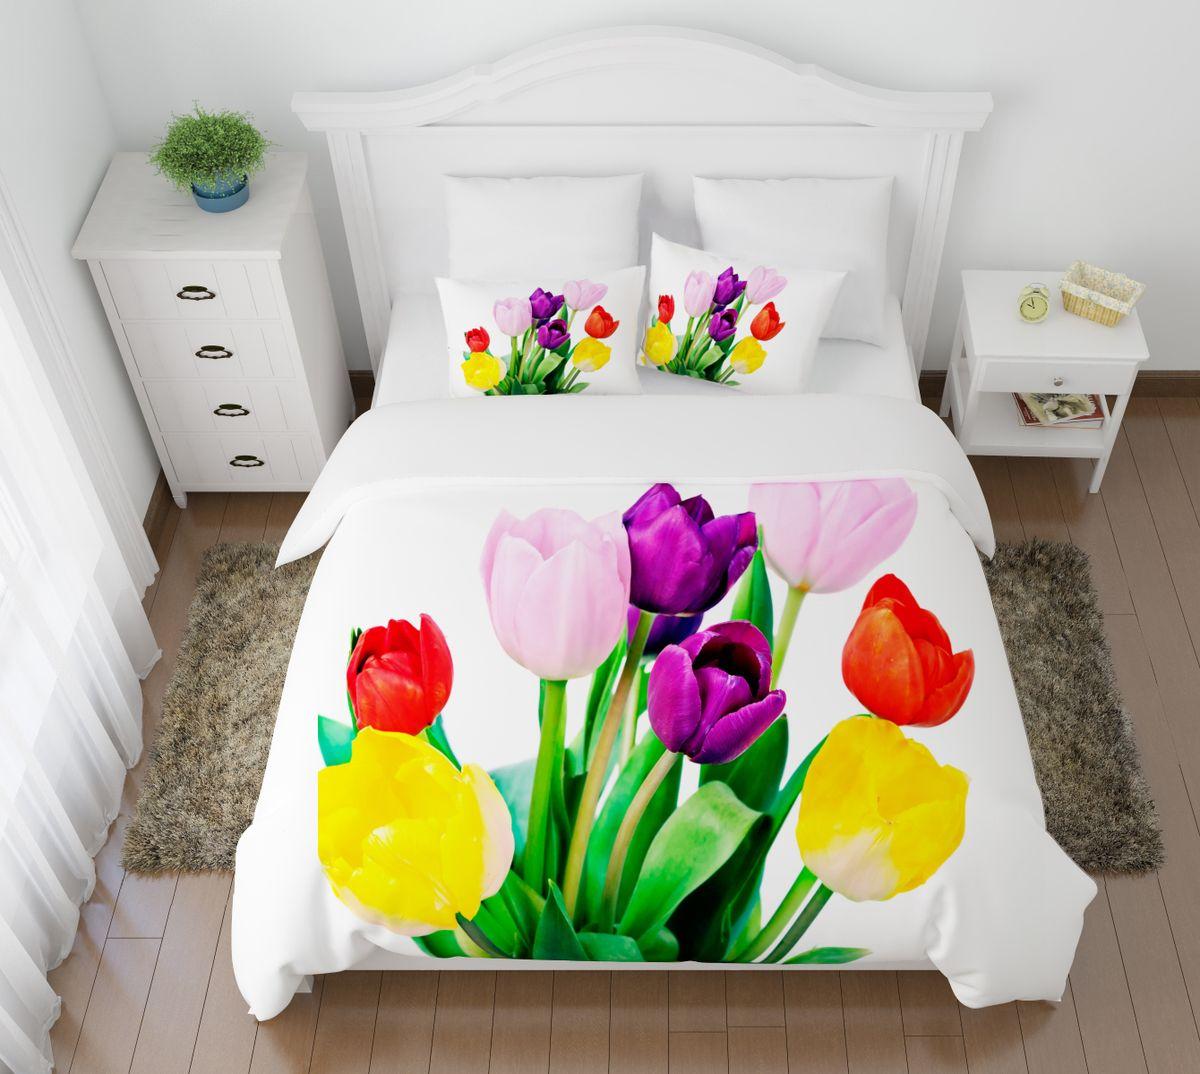 Комплект белья Сирень Весенние цветы, 2-спальный, наволочки 50х7010503Комплект постельного белья Сирень 2-х спальный выполнен из прочной и мягкой ткани. Четкий и стильный рисунок в сочетании с насыщенными красками делают комплект постельного белья неповторимой изюминкой любого интерьера. Постельное белье идеально подойдет для подарка. Идеальное соотношение смешенной ткани и гипоаллергенных красок это гарантия здорового, спокойного сна. Ткань хорошо впитывает влагу, надолго сохраняет яркость красок. Цвет простыни, пододеяльника, наволочки в комплектации может немного отличаться от представленного на фото.В комплект входят: простыня - 200х220см; пододельяник 175х210 см; наволочка - 50х70х2шт. Постельное белье легко стирать при 30-40 градусах, гладить при 150 градусах, не отбеливать.Рекомендуется перед первым изпользованием постирать.